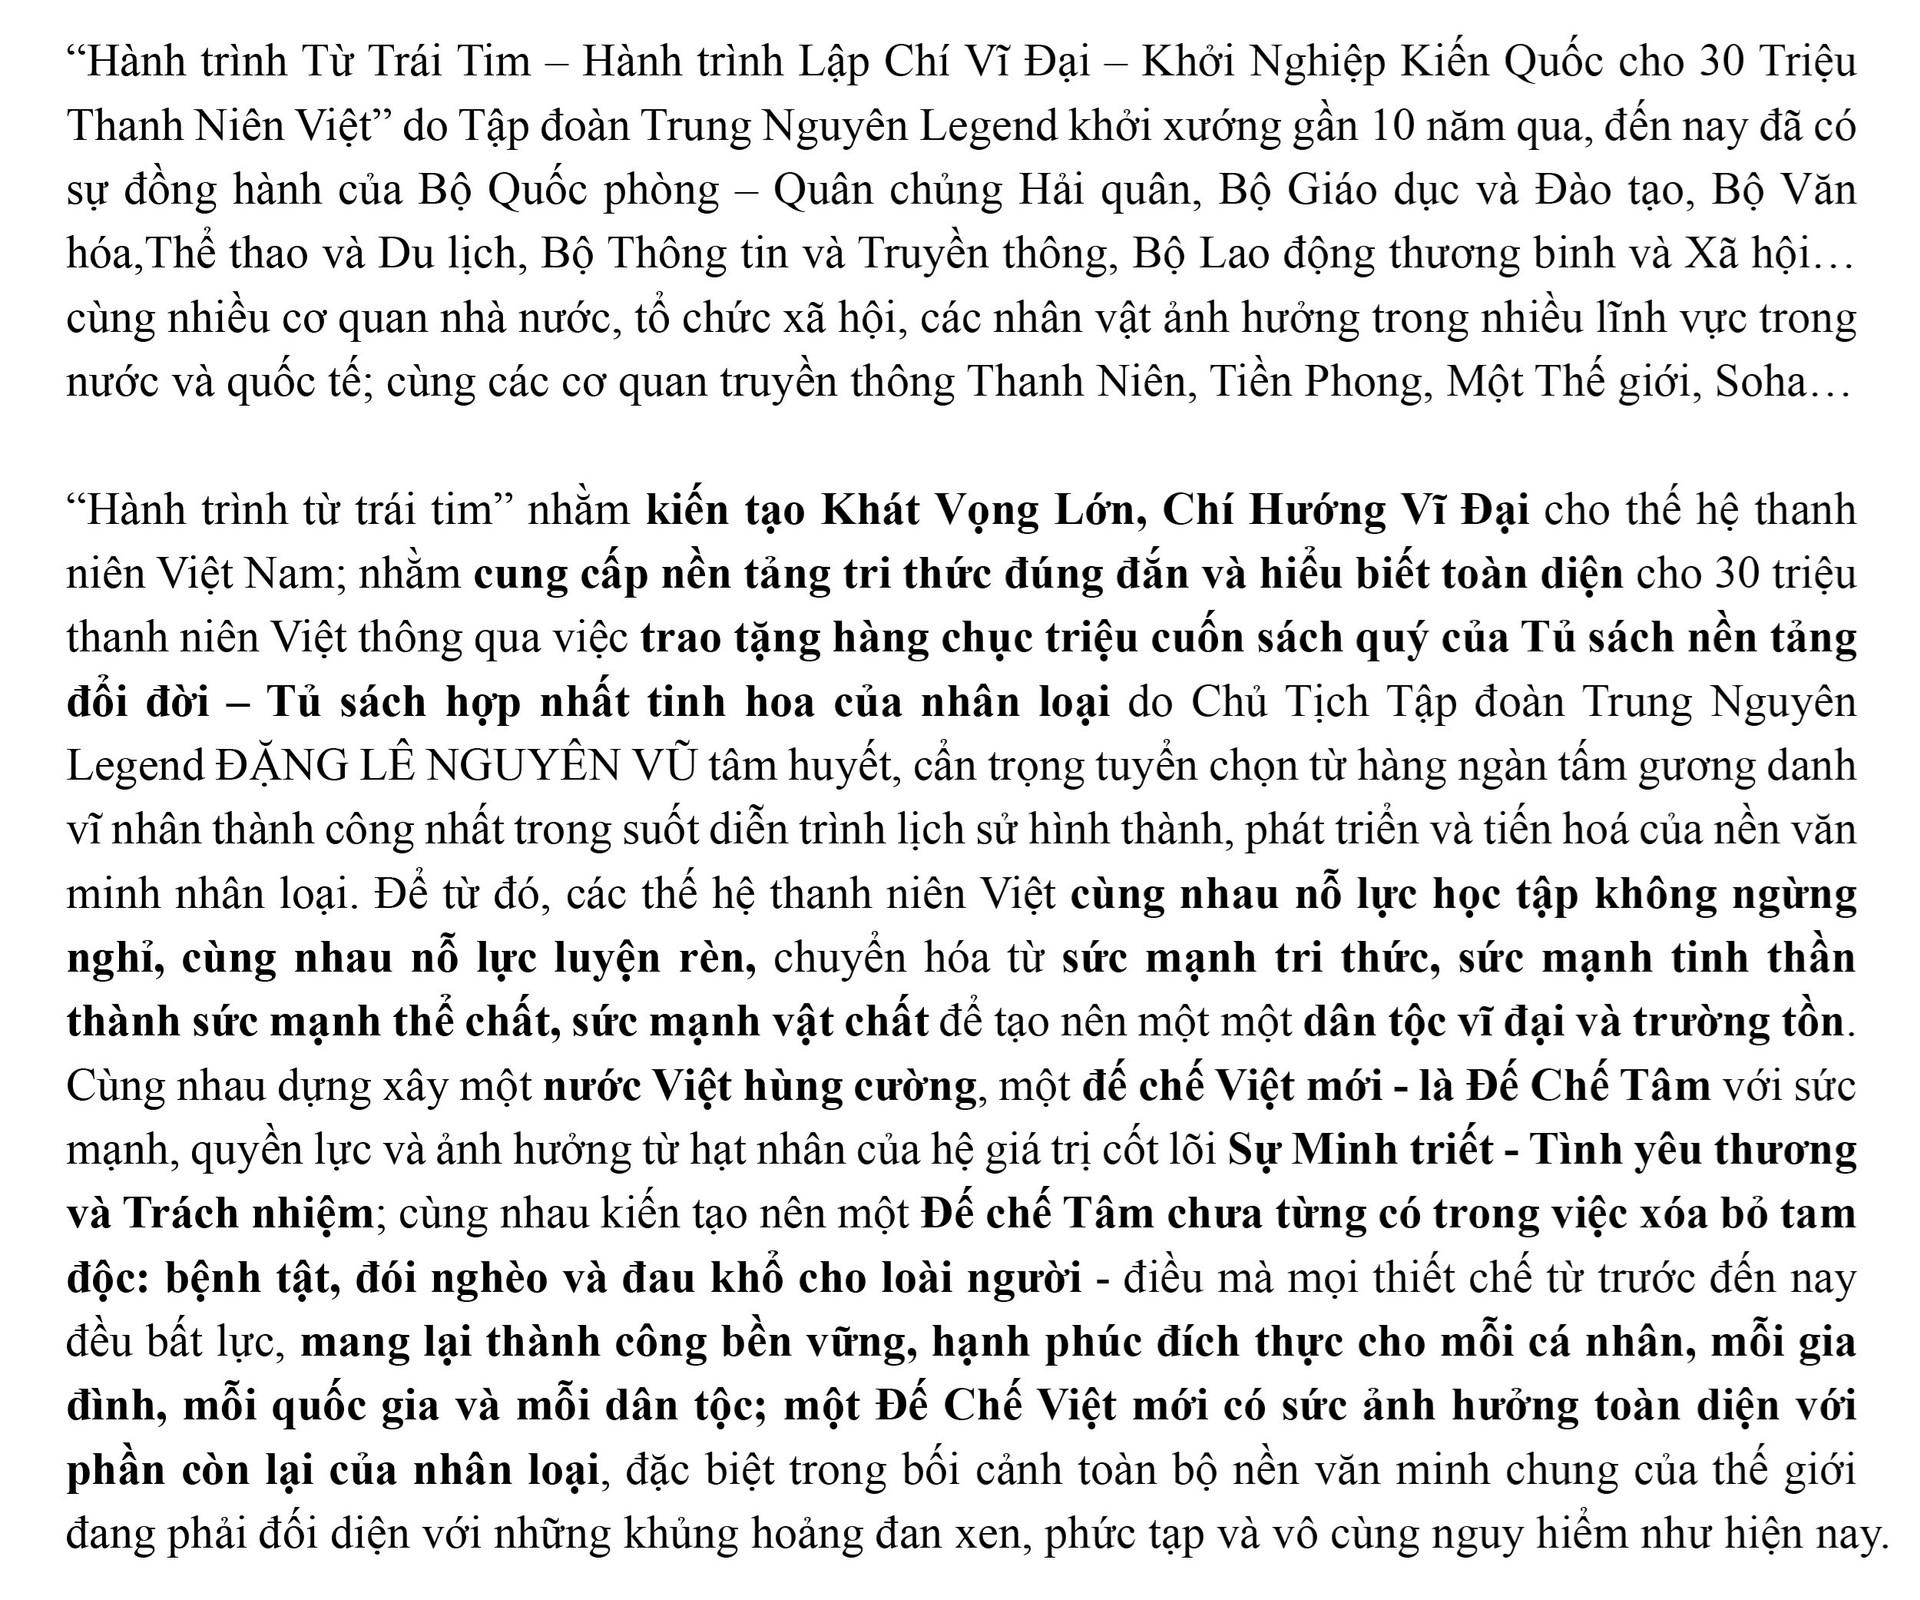 box-thong-diep-dau-31.8-ok-02.jpg